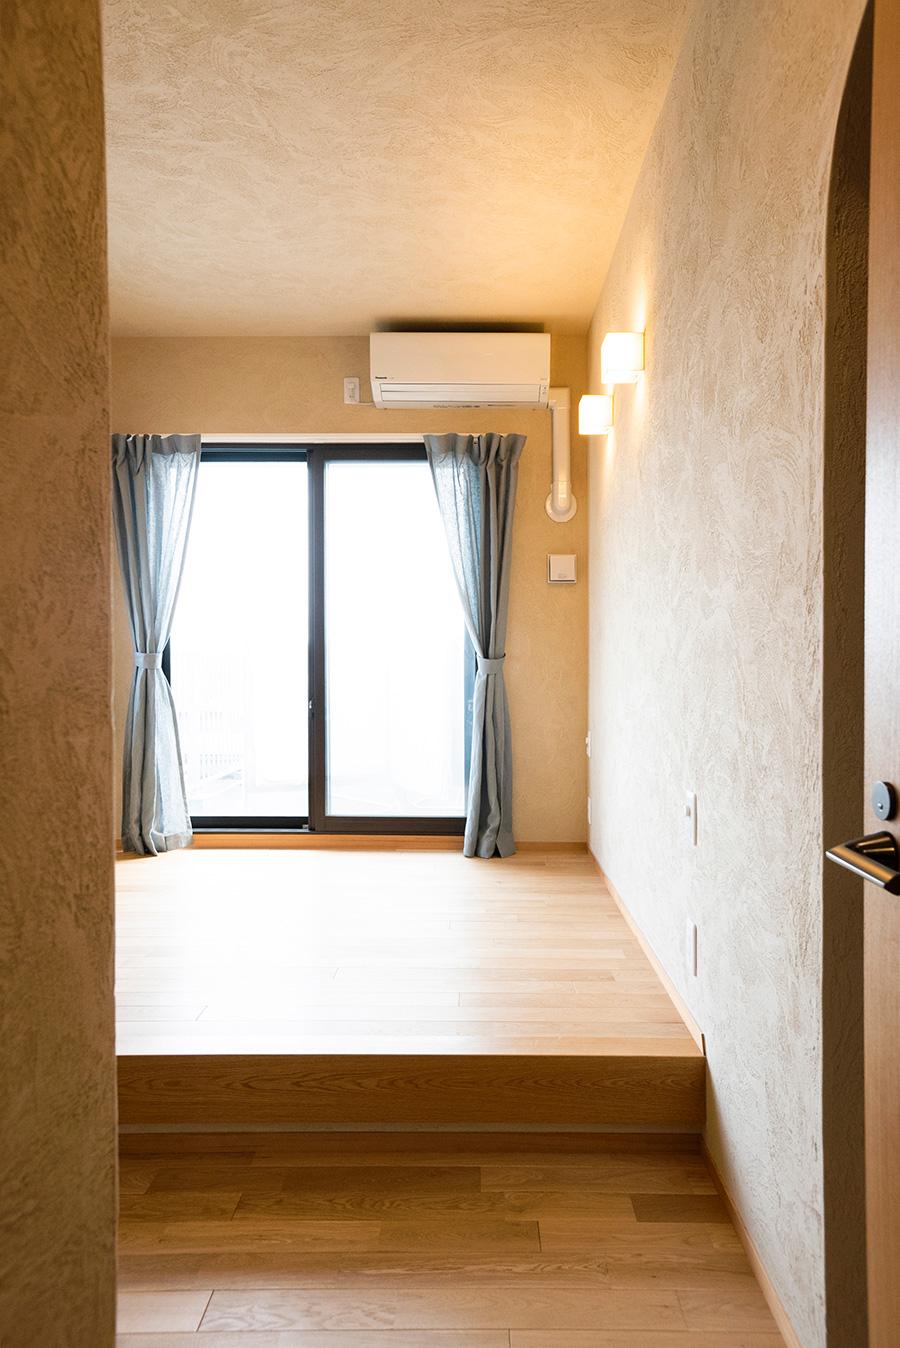 ルーフバルコニーに面した寝室は、1段上げて小上がりに。「布団を敷くことを考えて小上がりにしました。段差があると散らかりにくいのも利点です」(奥山さん)。